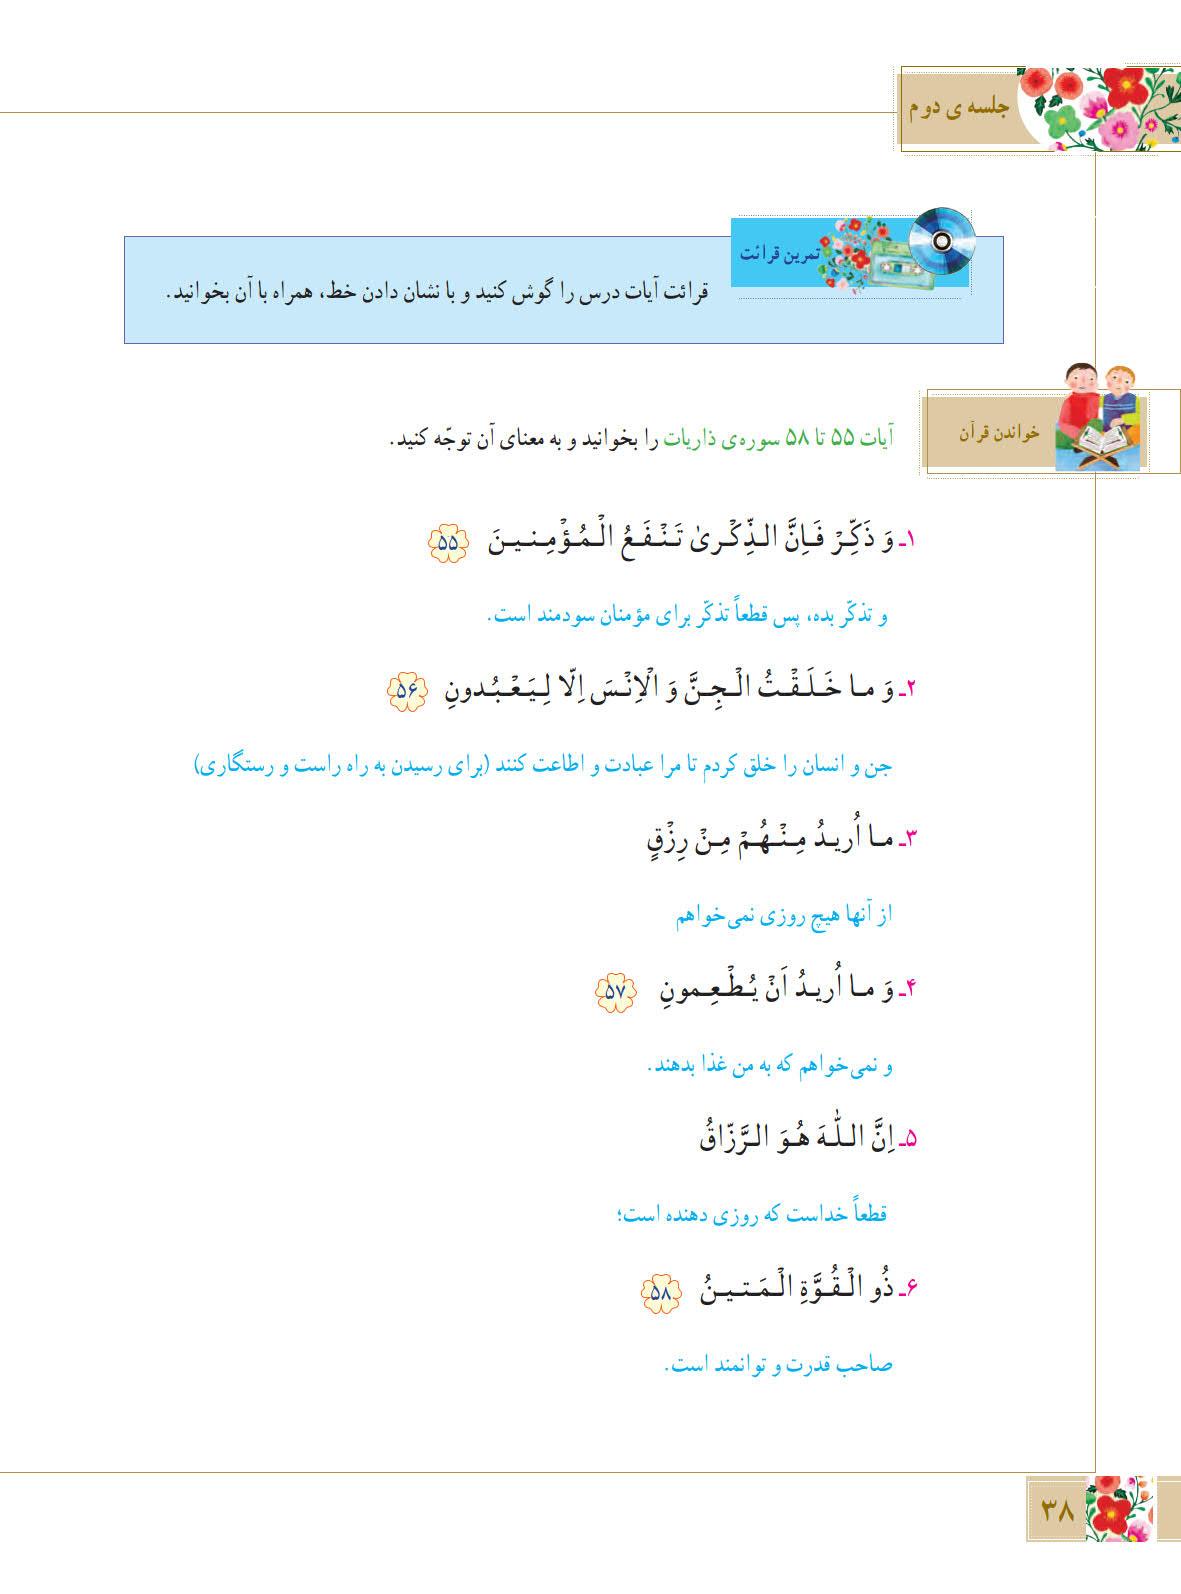 درس ششم آموزش قرآن پایه ششم - کلاس اینترنتی ما -صفحه 38 - مومکا - momeka.ir (2)